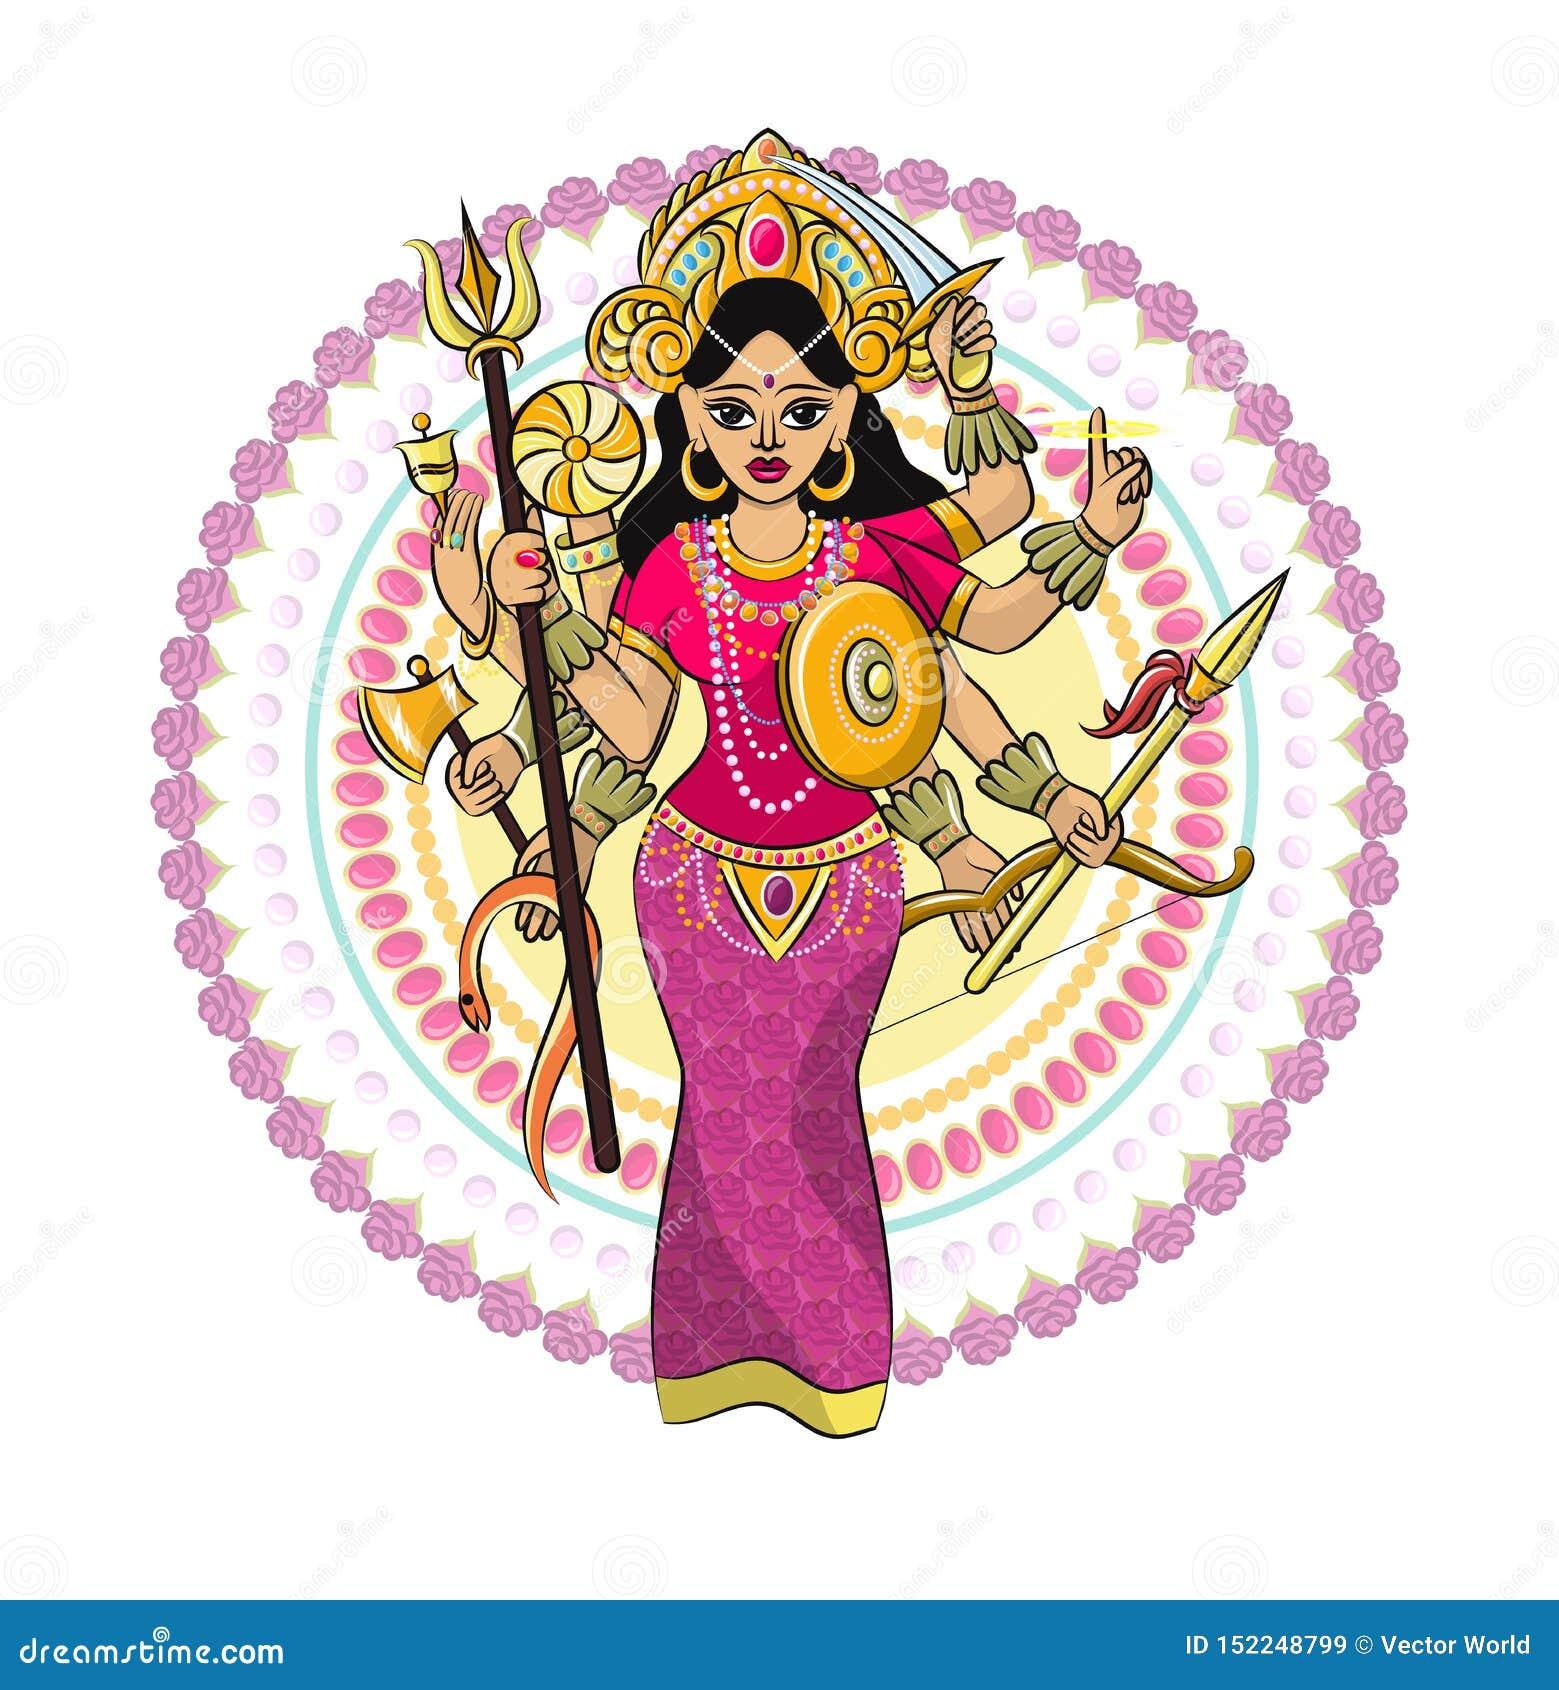 Divinidad india del hinduism del vector de dios de la diosa y del ?dolo divino Ganesha en sistema del ejemplo de la India de la r